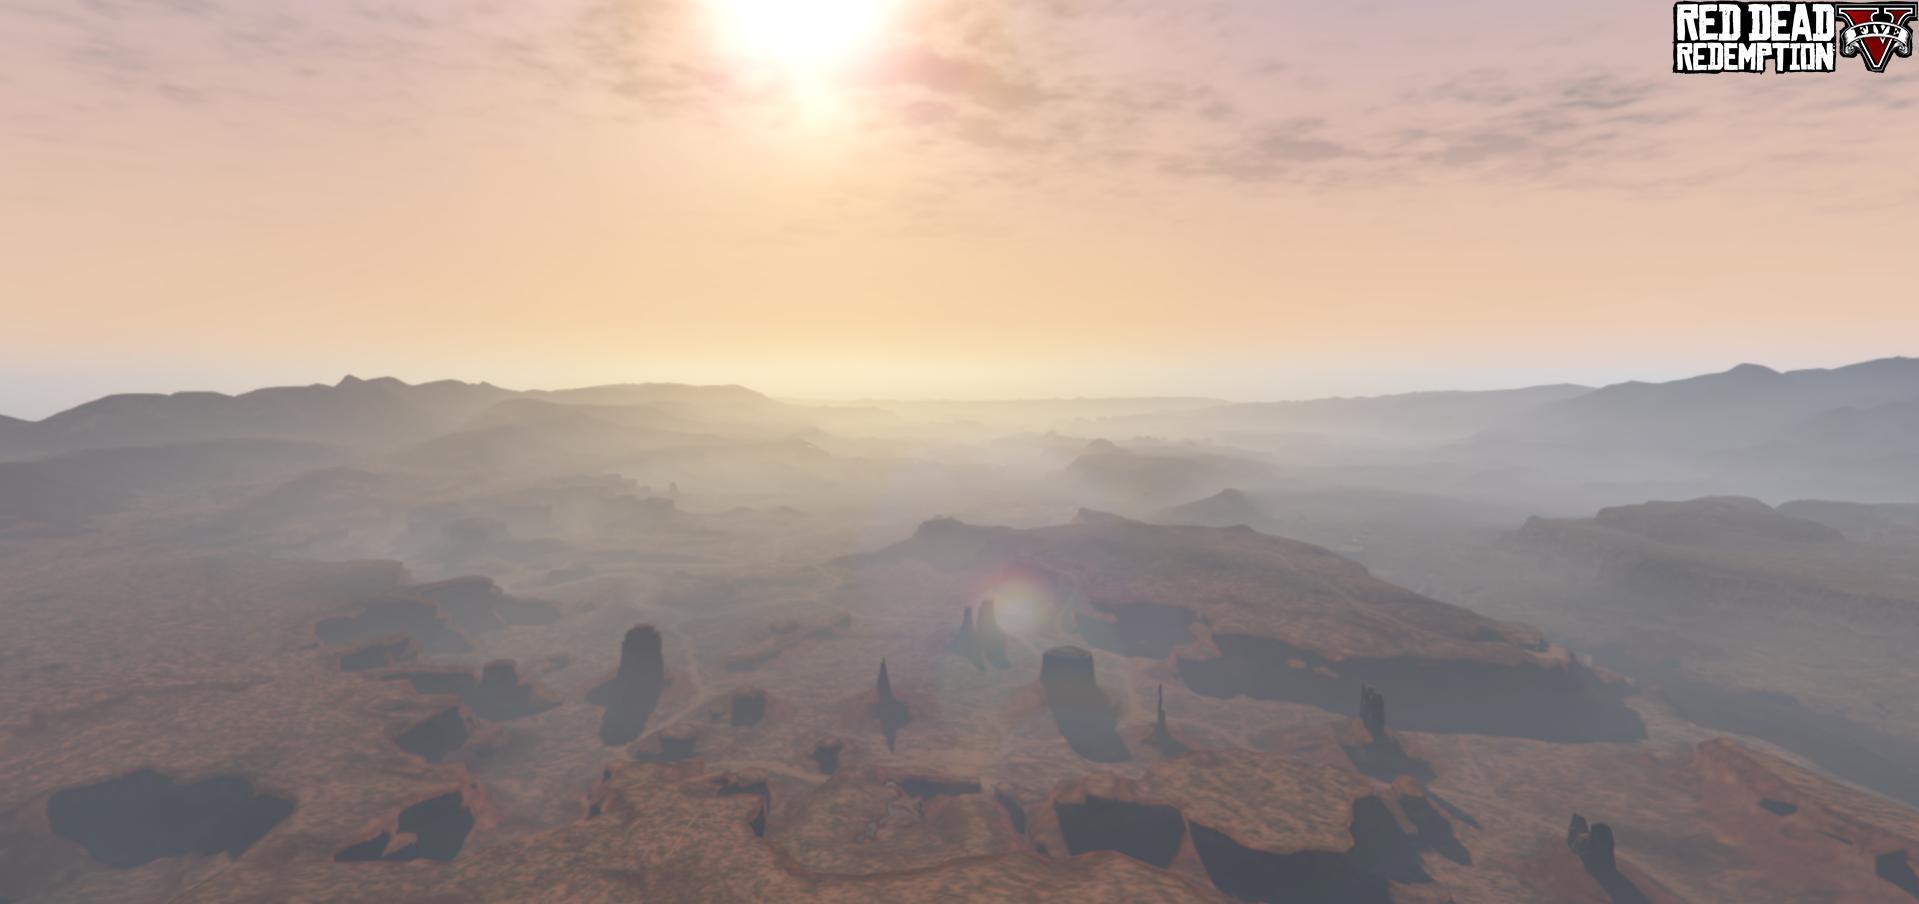 Fãs estão recriando Red Dead Redemption em Grand Theft Auto V